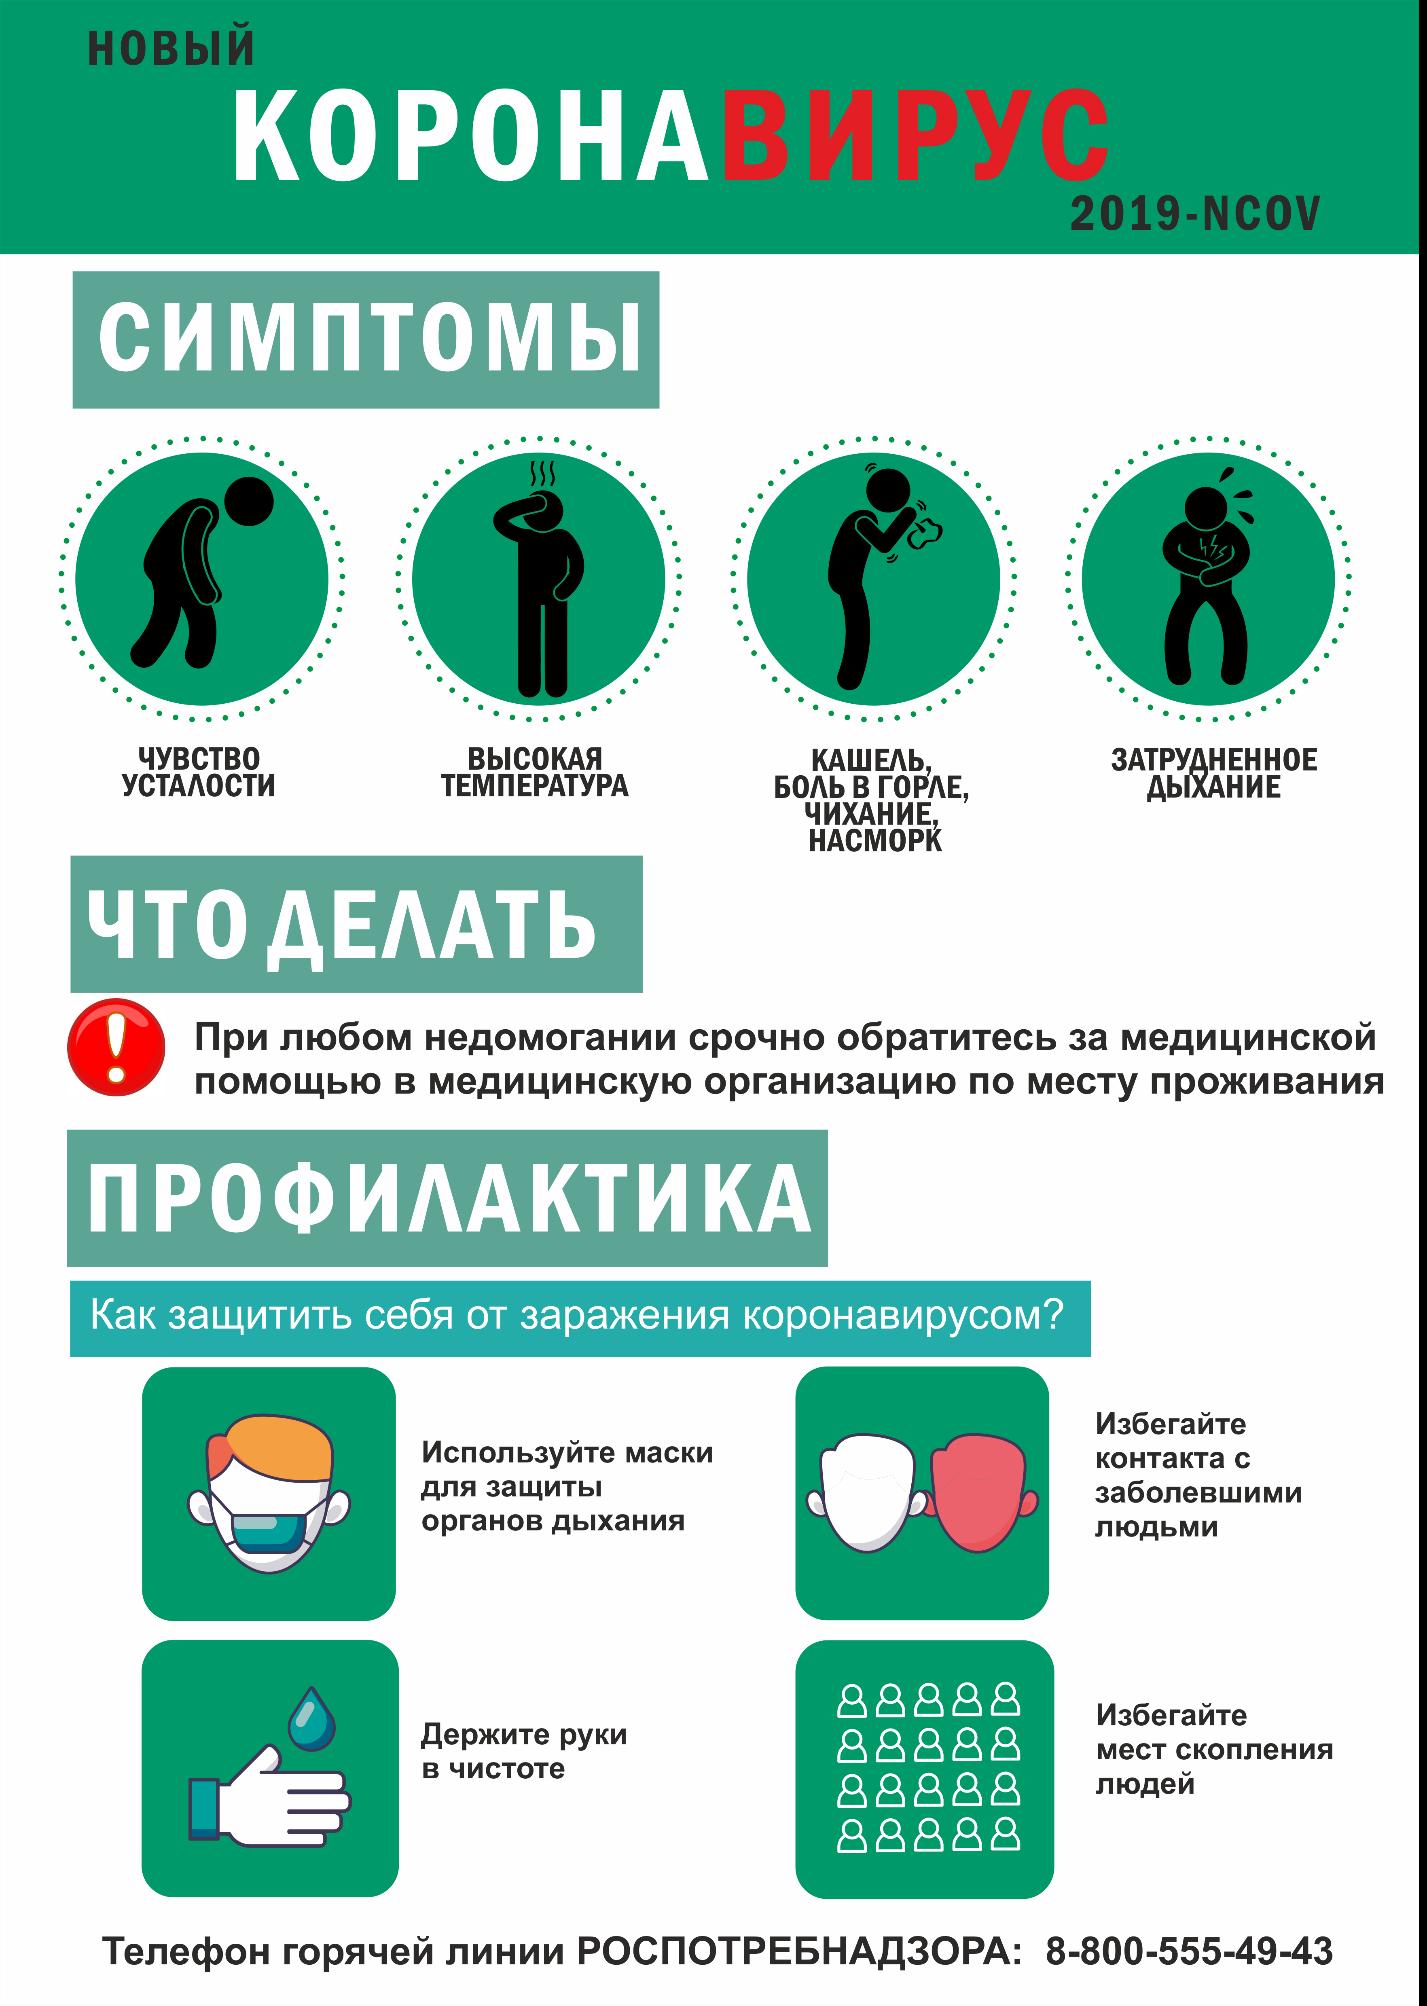 Может ли одышка быть симптомом ковид-19? | инфекции одышка при ковид-19 — нужно ехать в больницу? | инфекции